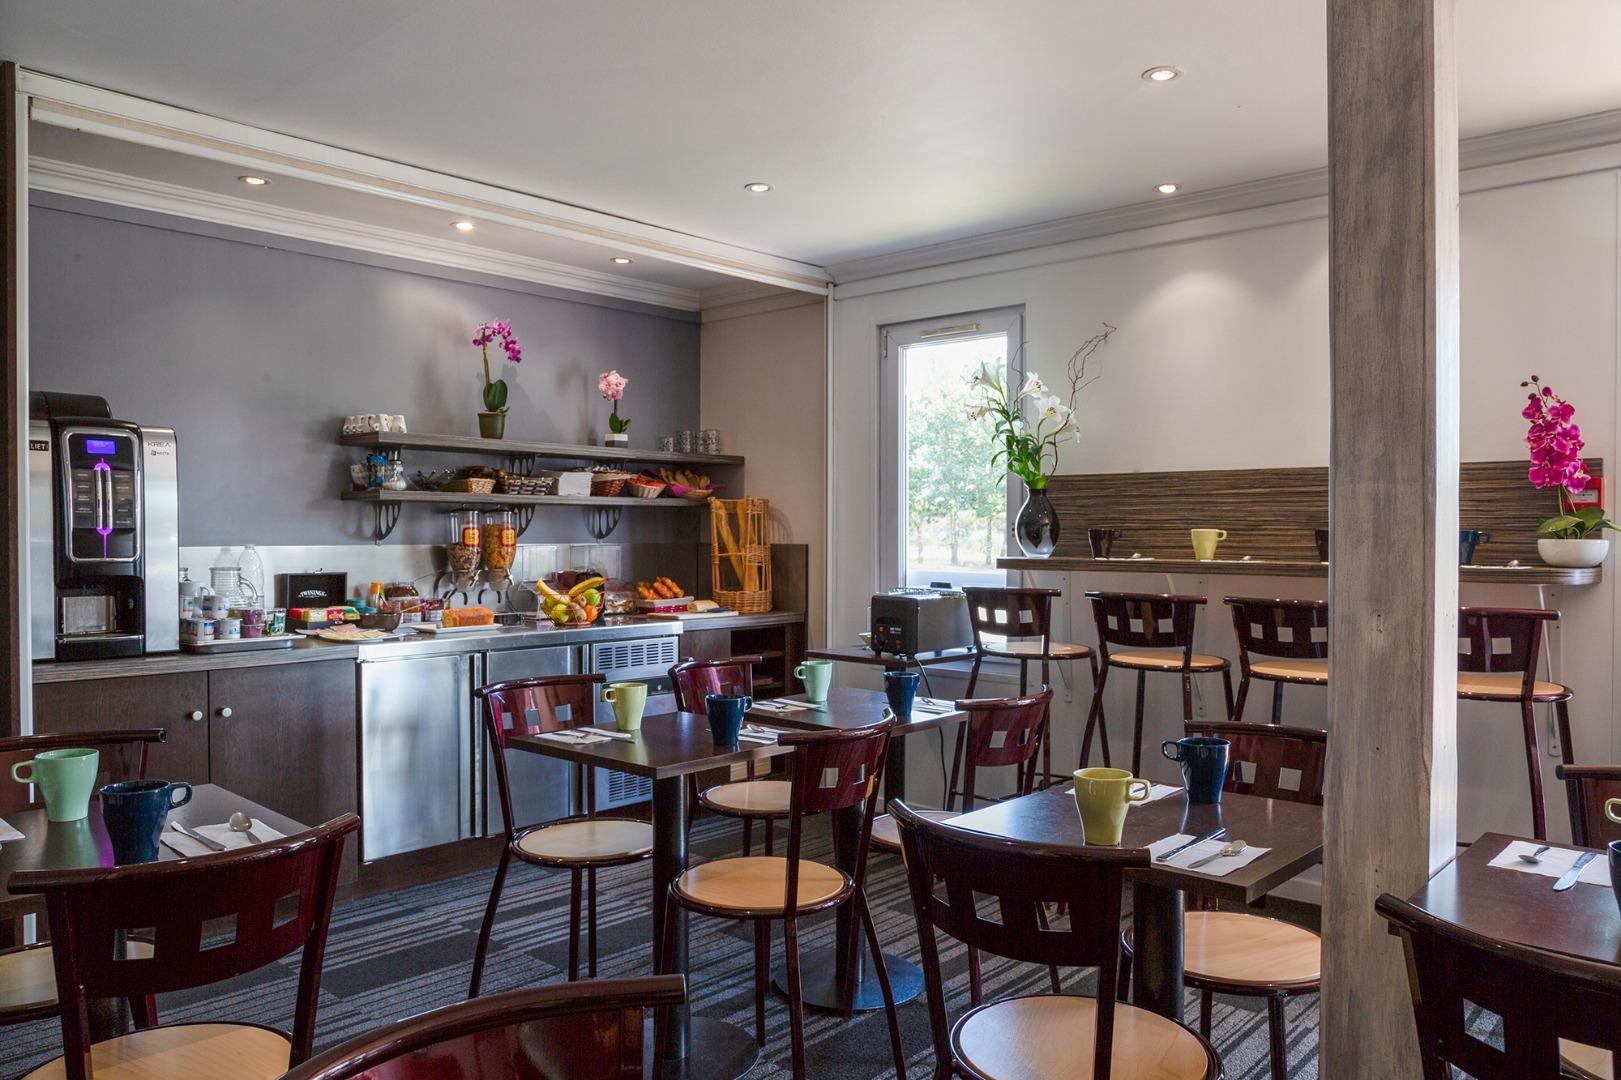 hotel bordeaux lac p 39 tit dej devient the originals access site officiel. Black Bedroom Furniture Sets. Home Design Ideas